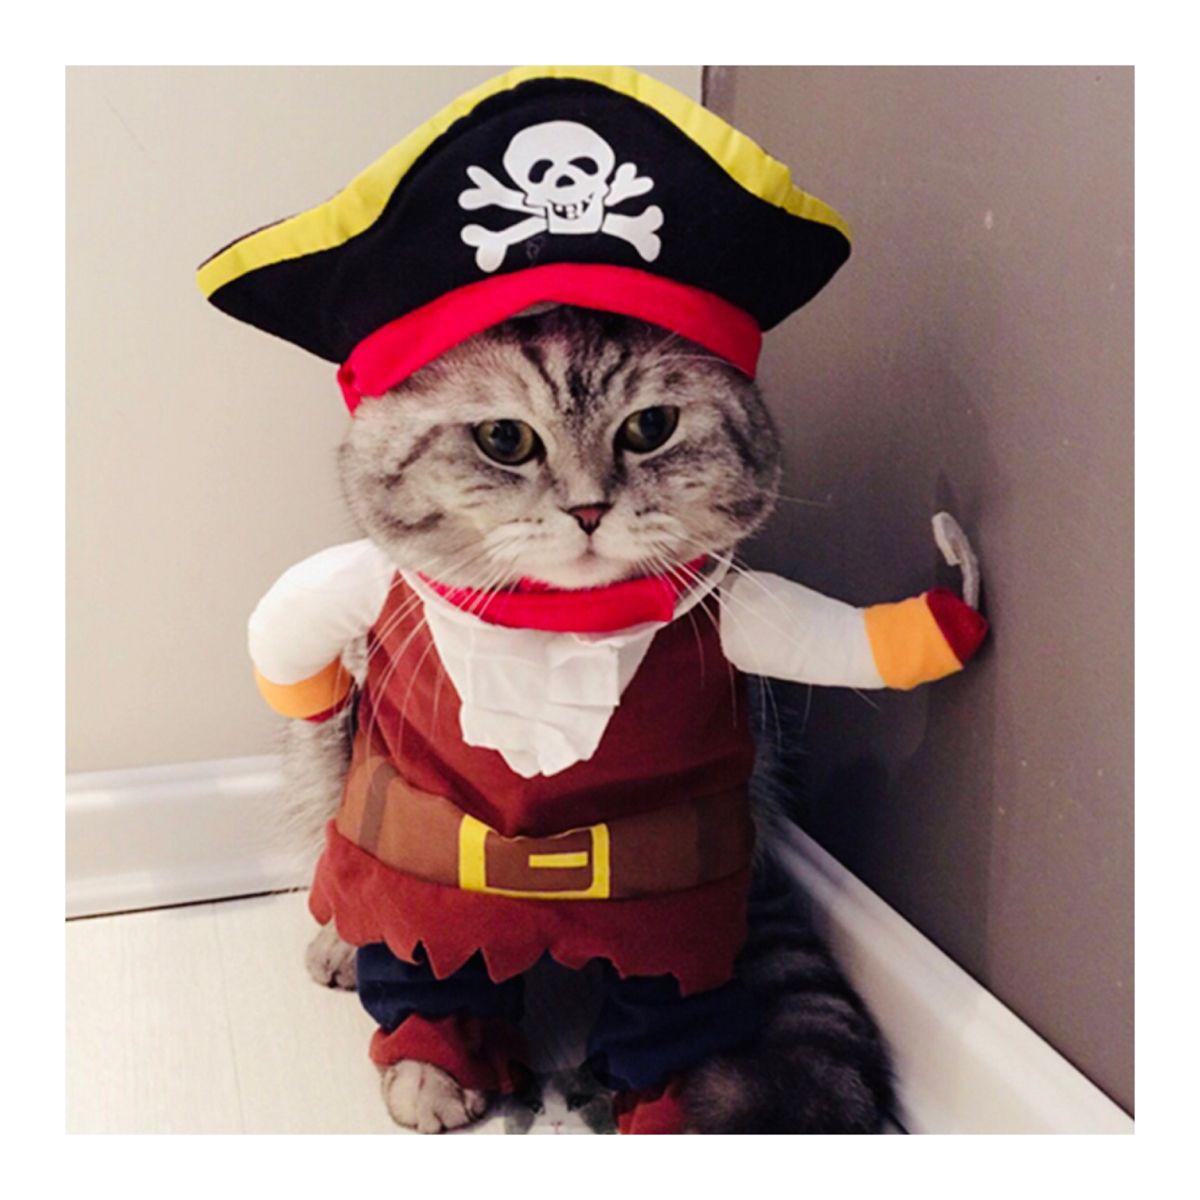 Cute Cat Pirate Costume In 2020 Cute Cat Costumes Funny Cat Clothes Dog Pirate Costume